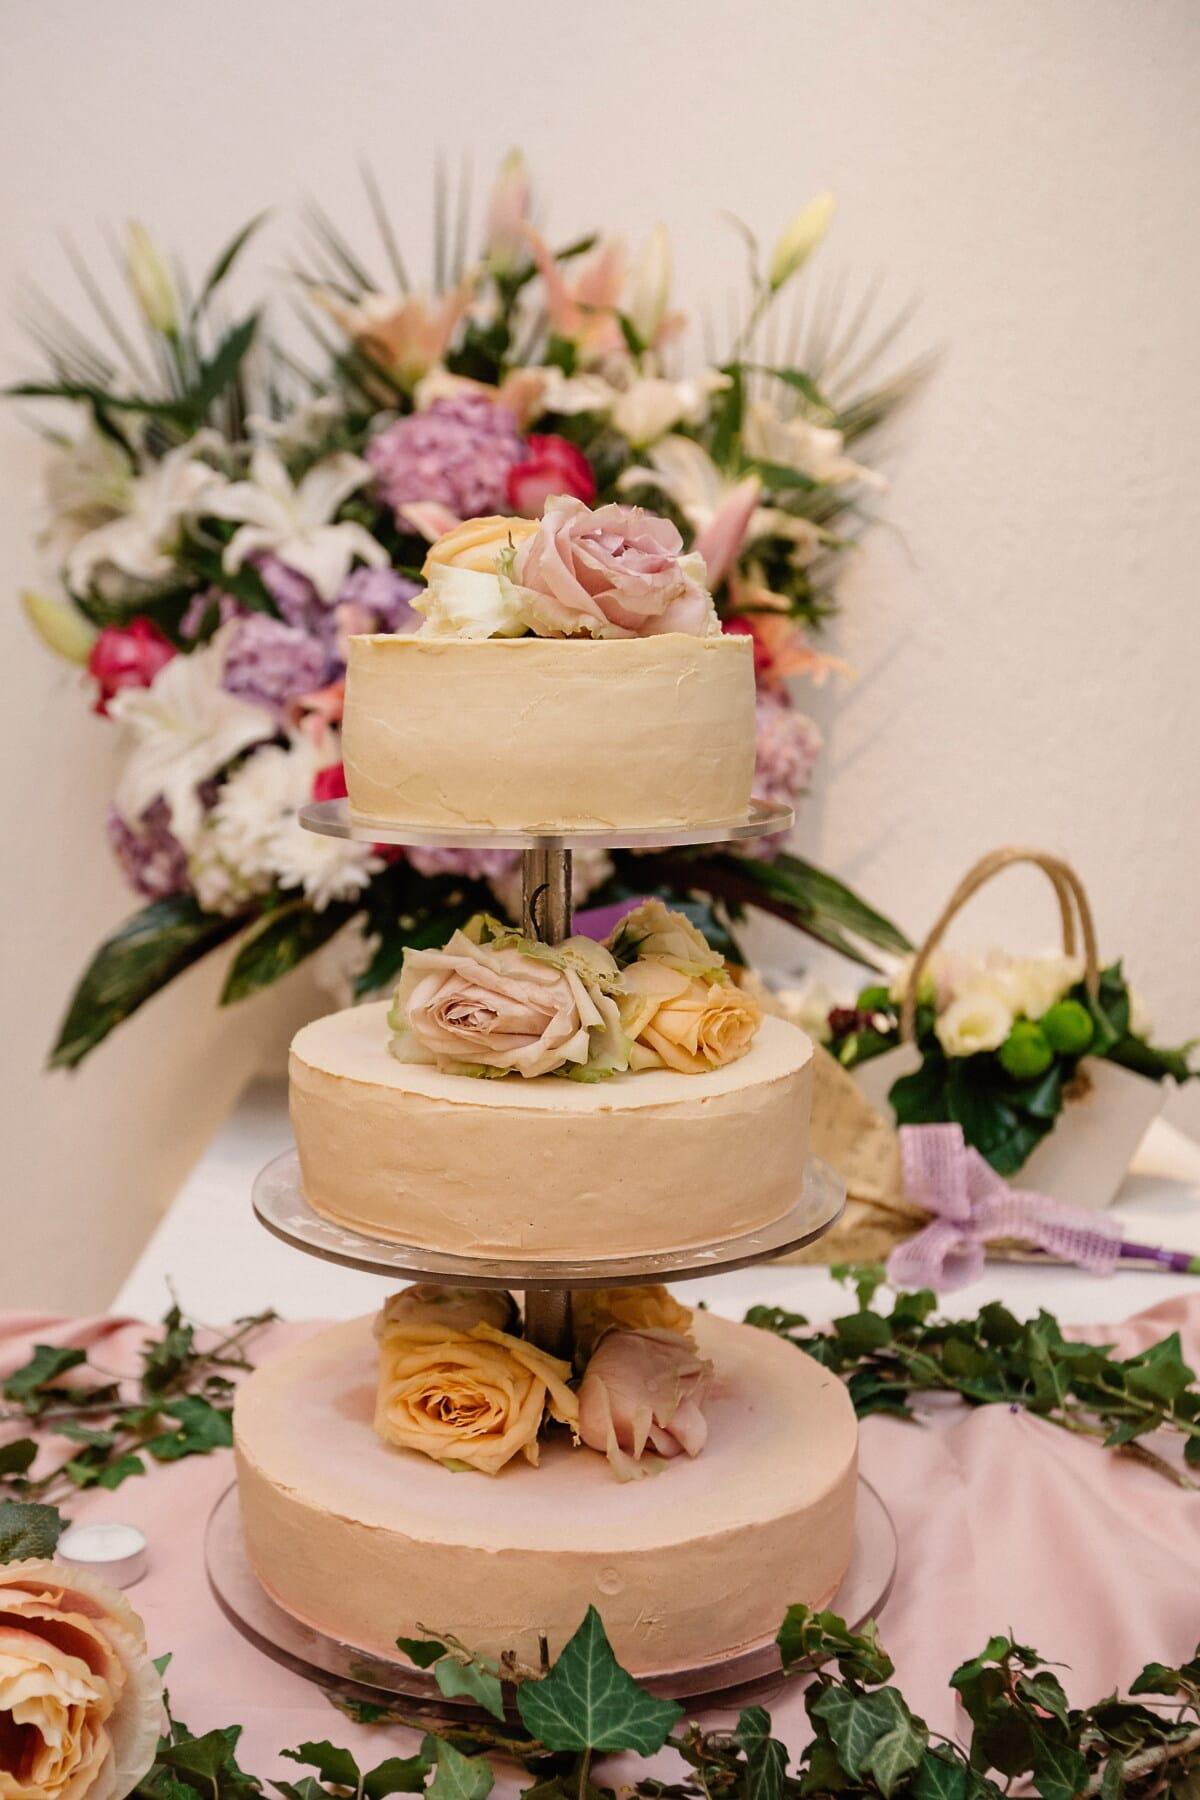 gâteau de mariage, décoration, arrangement, mariage, réception, Design d'intérieur, amour, fleur, Rose, élégant